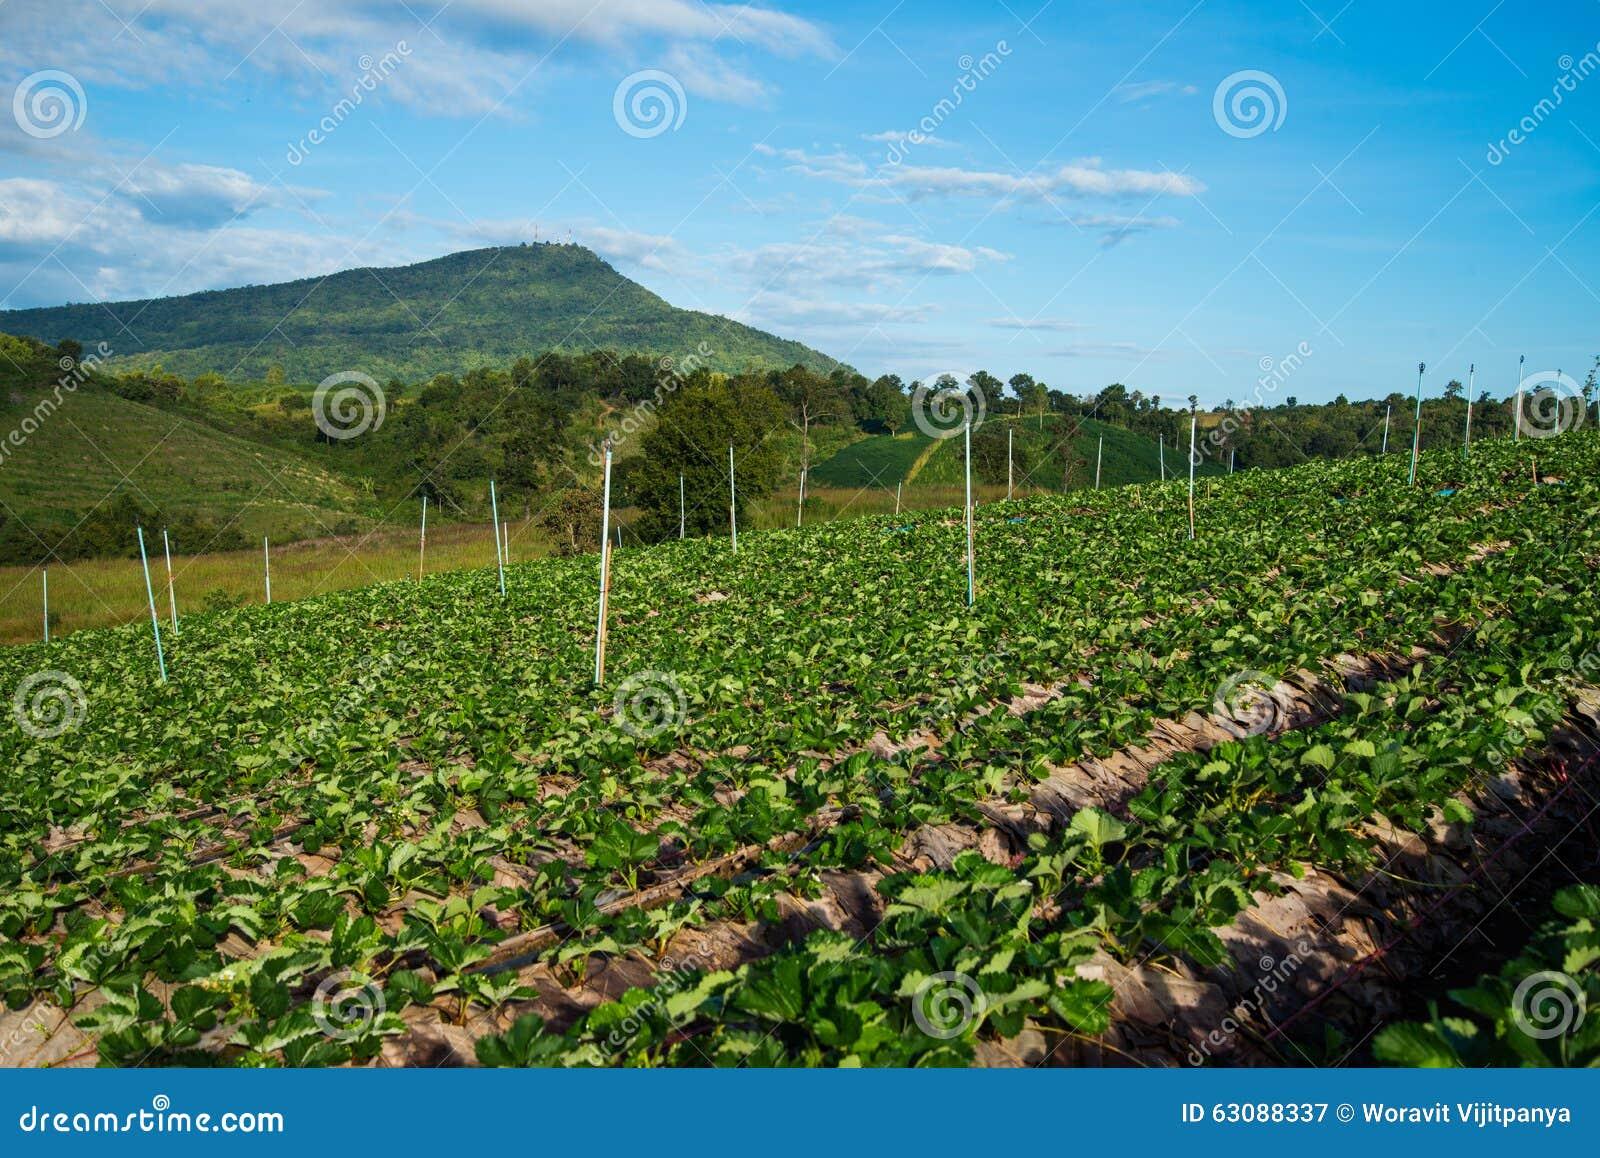 Download Ferme de fraises image stock. Image du local, montagnes - 63088337